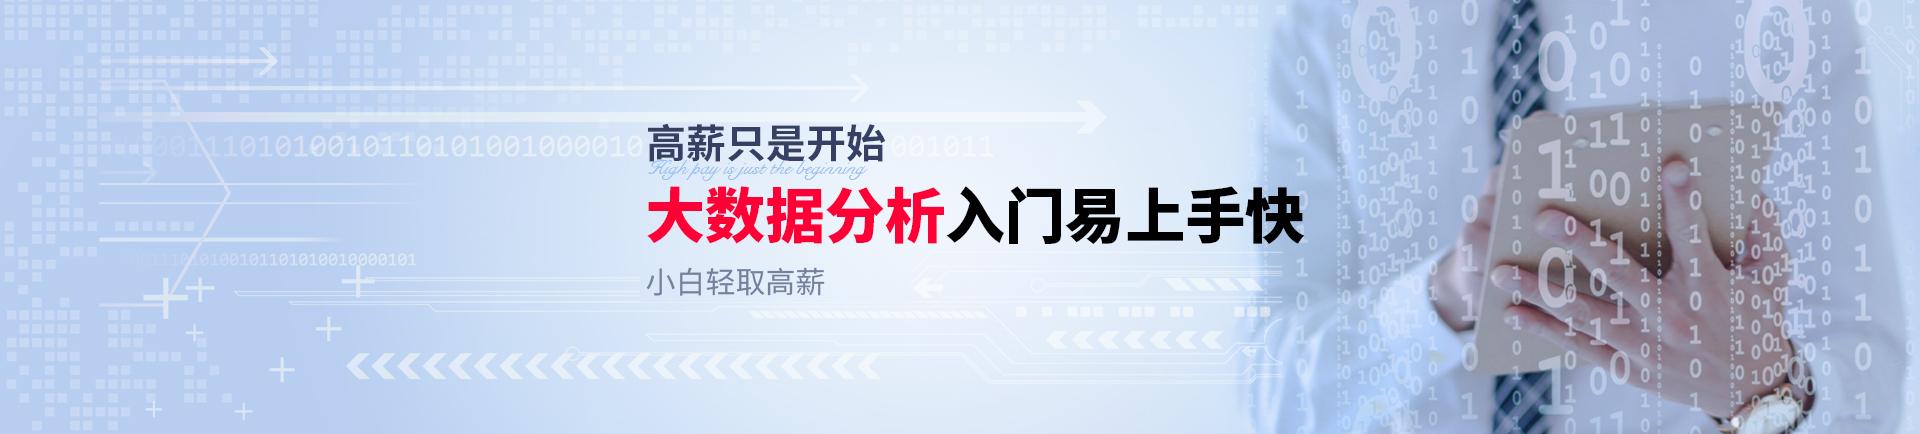 大数�分�入门易上手快 �白轻�年薪30W-suzhou